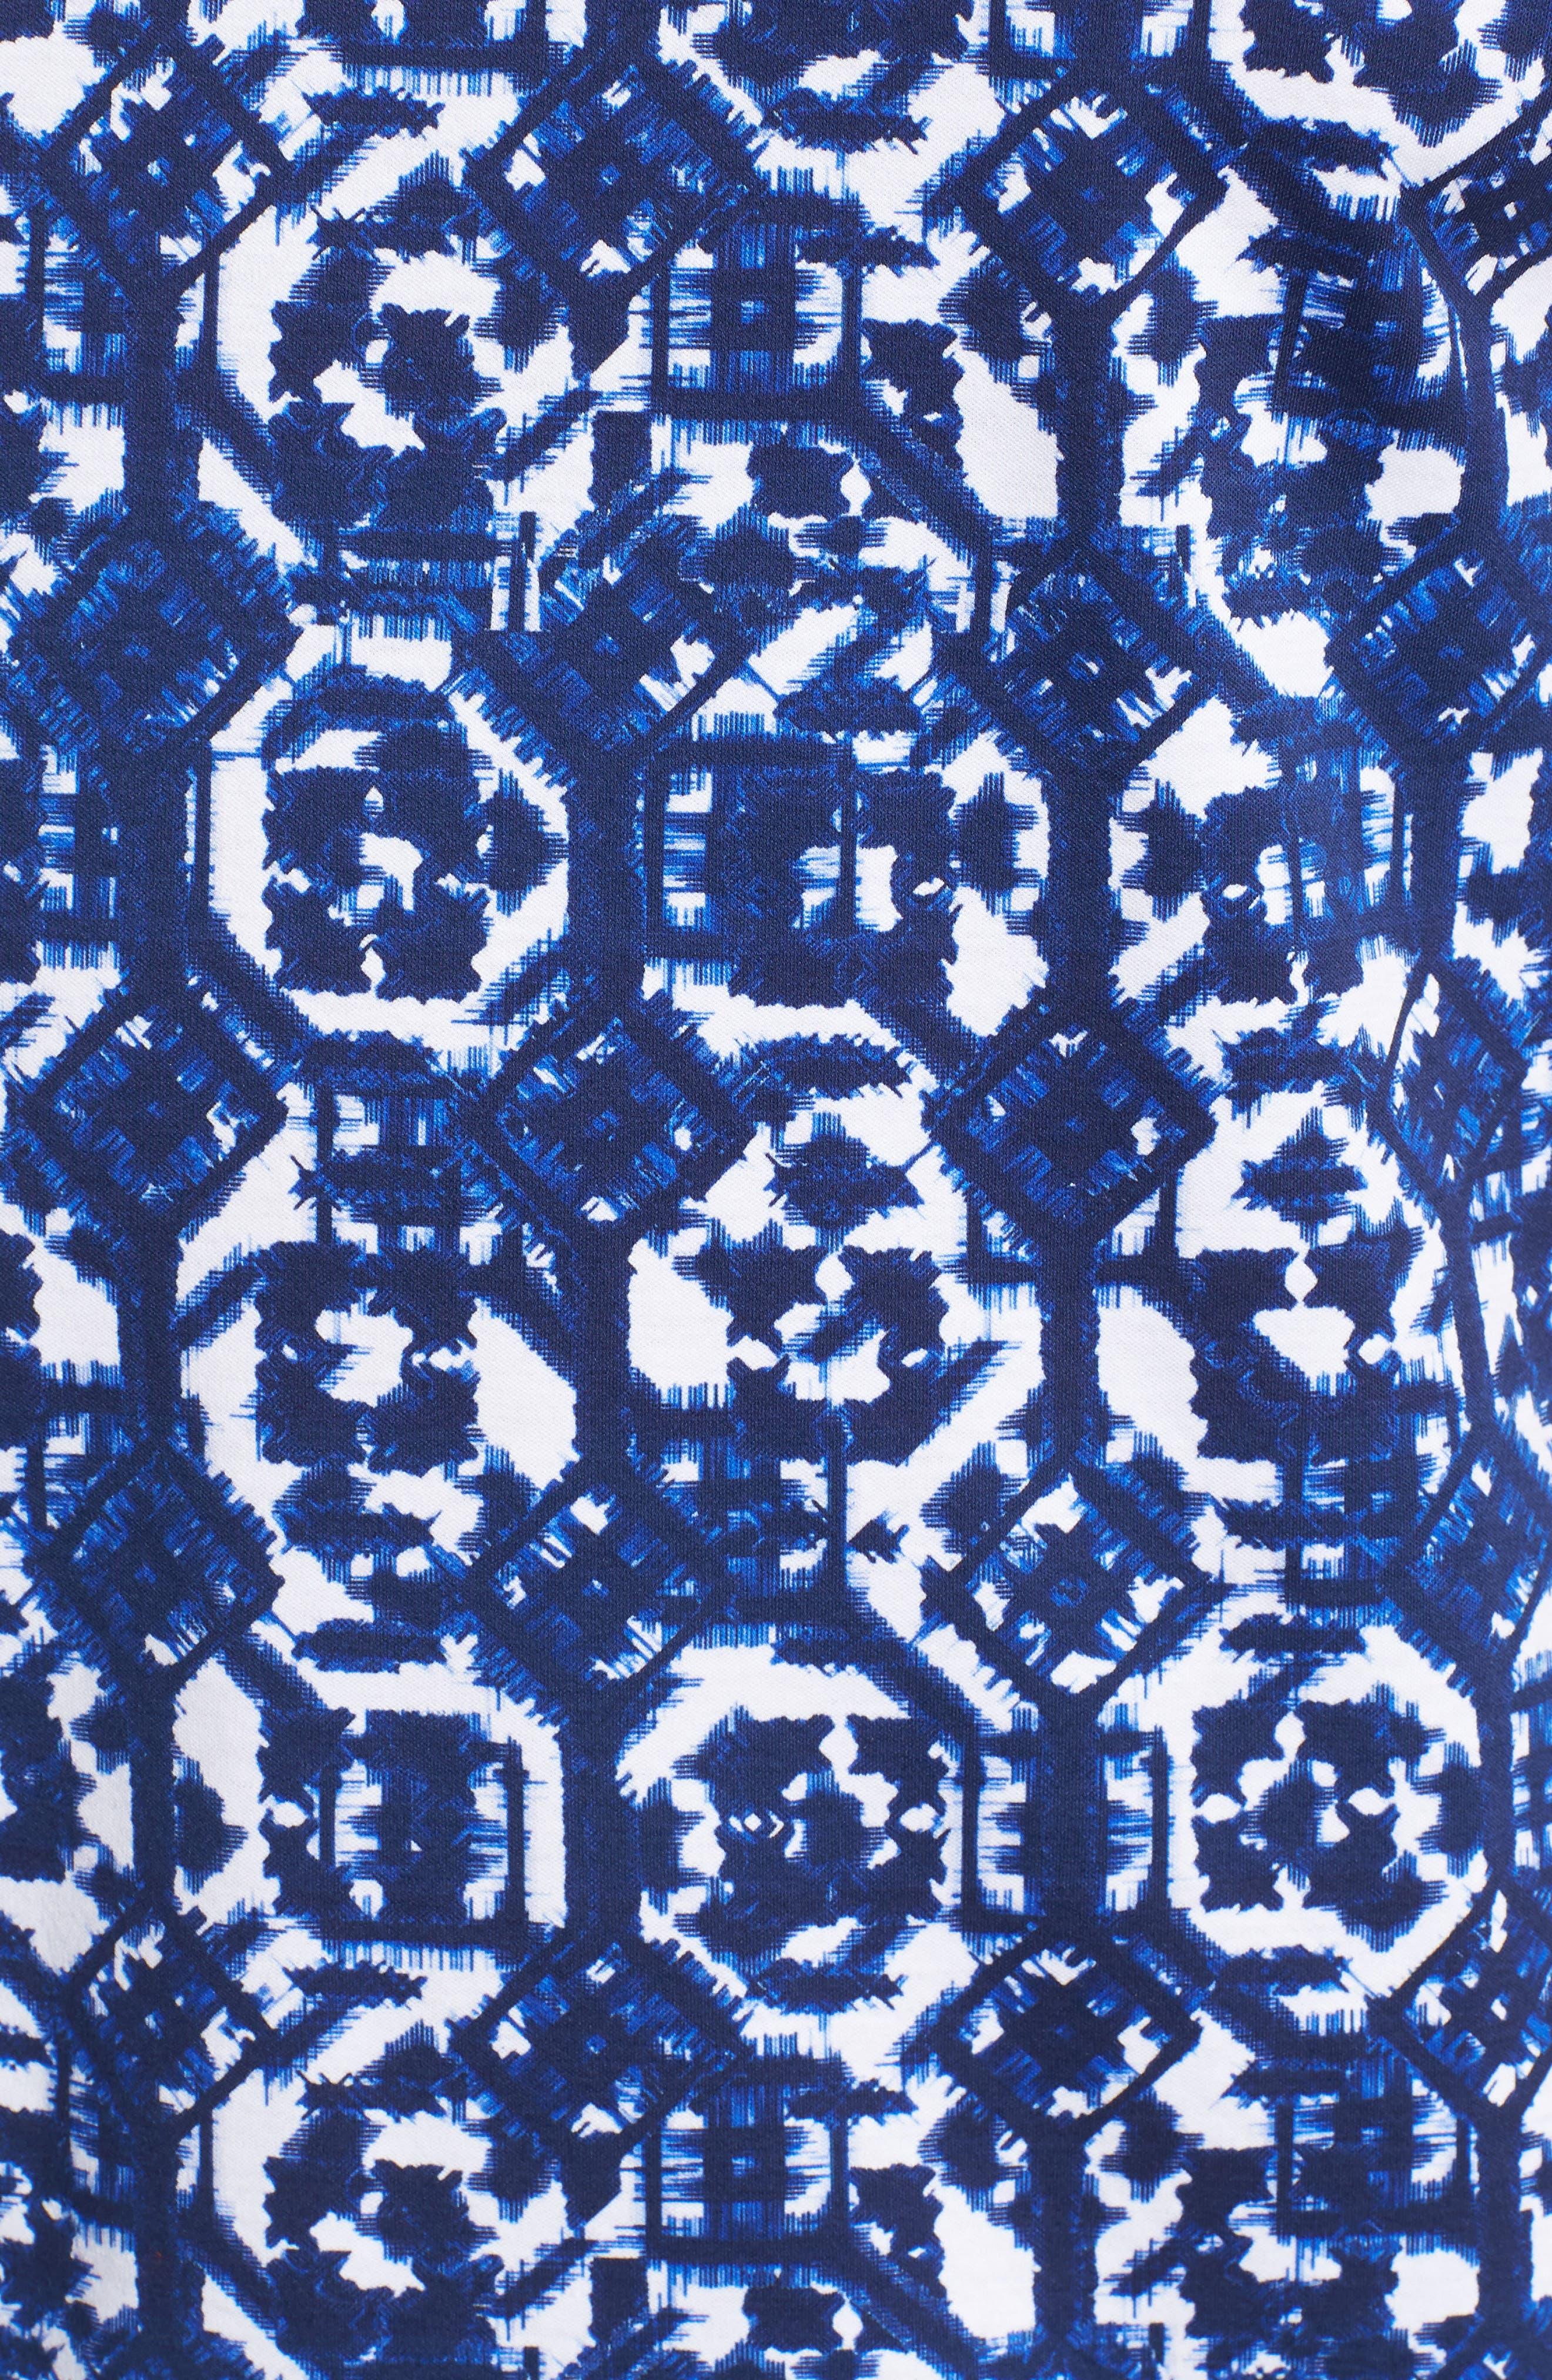 Geometric Knit Polo,                             Alternate thumbnail 5, color,                             410